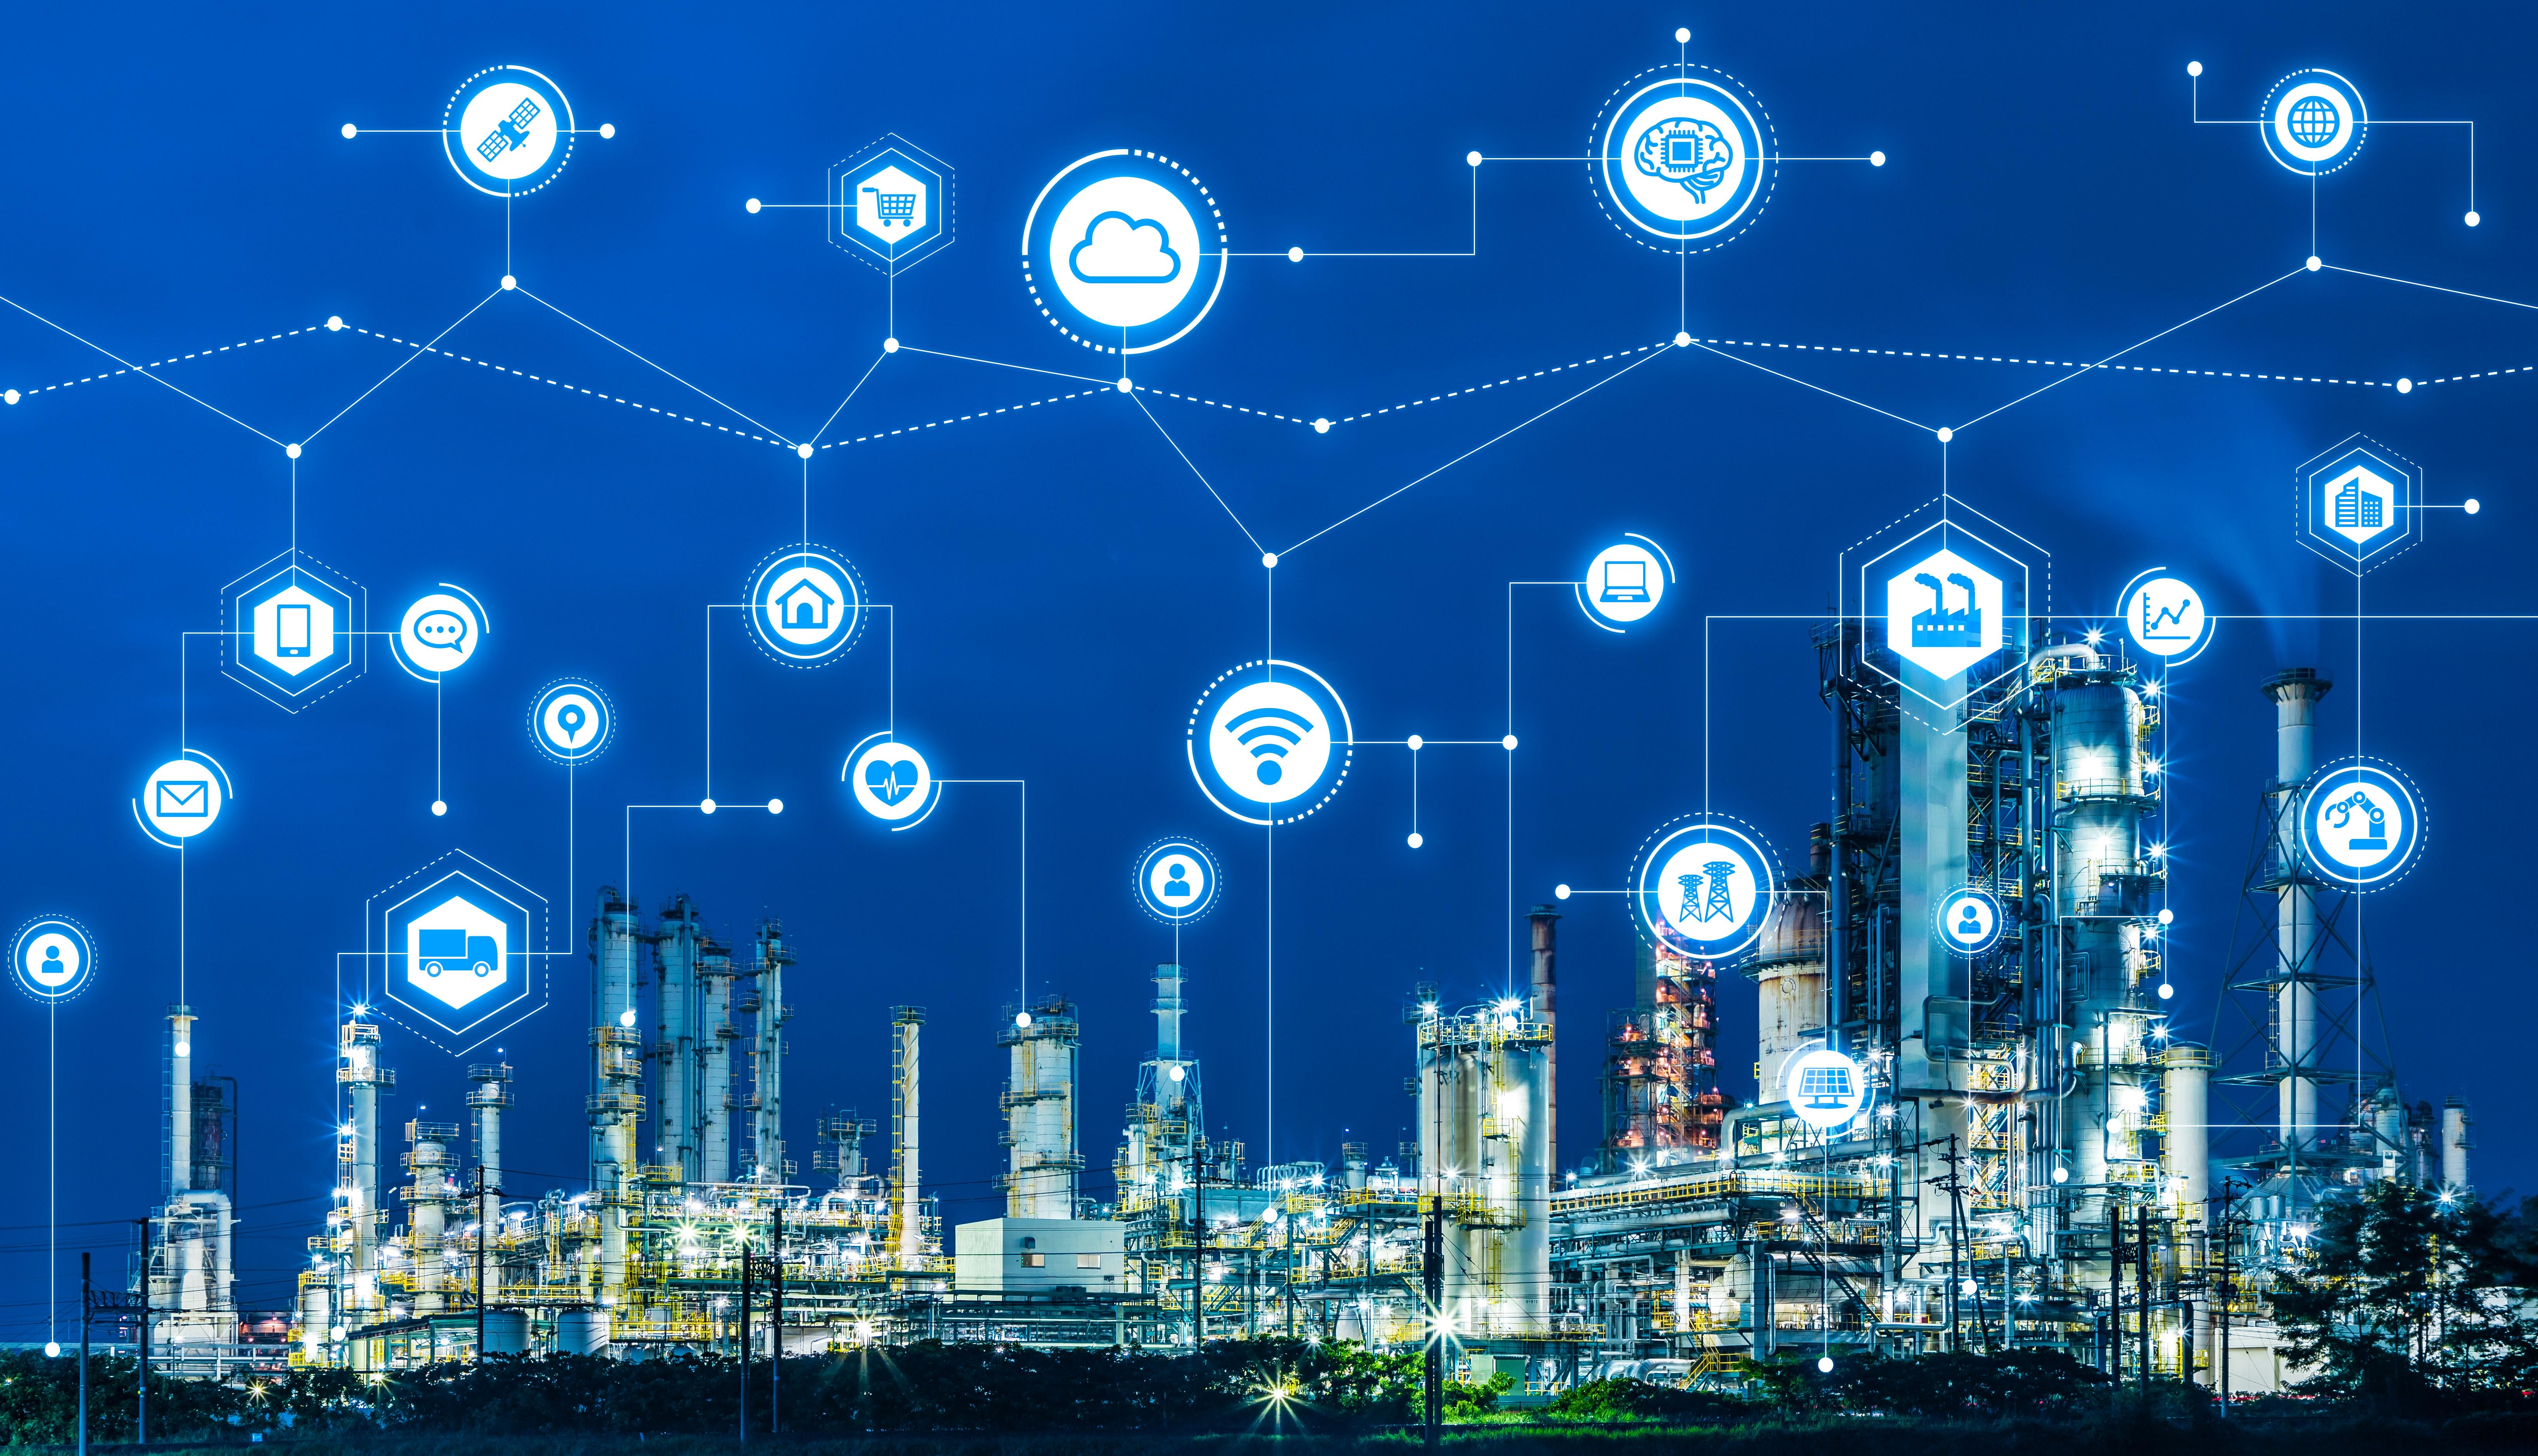 США будут работать с Big Tech, финансовым сектором над новыми принципами кибербезопасности – Trading Century